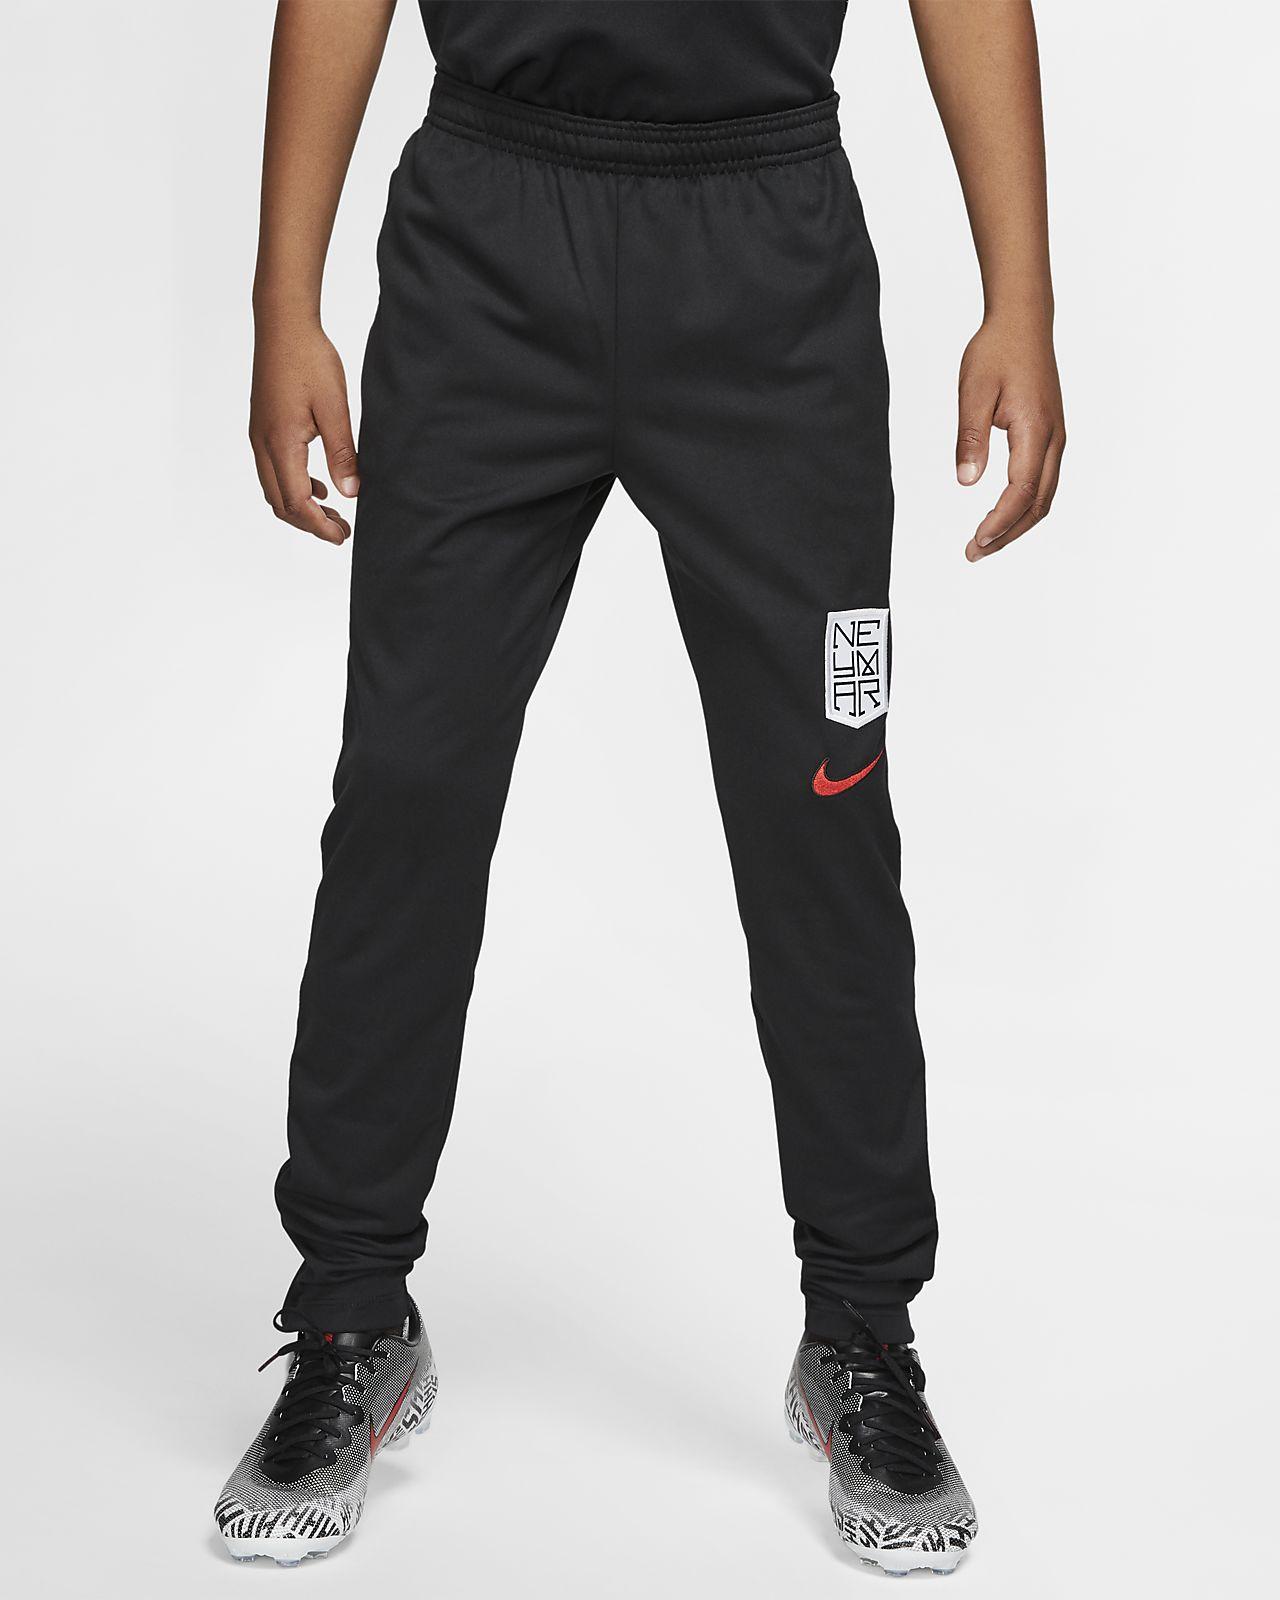 Fotbalové kalhoty Nike Dri-FIT Neymar Jr. pro větší děti